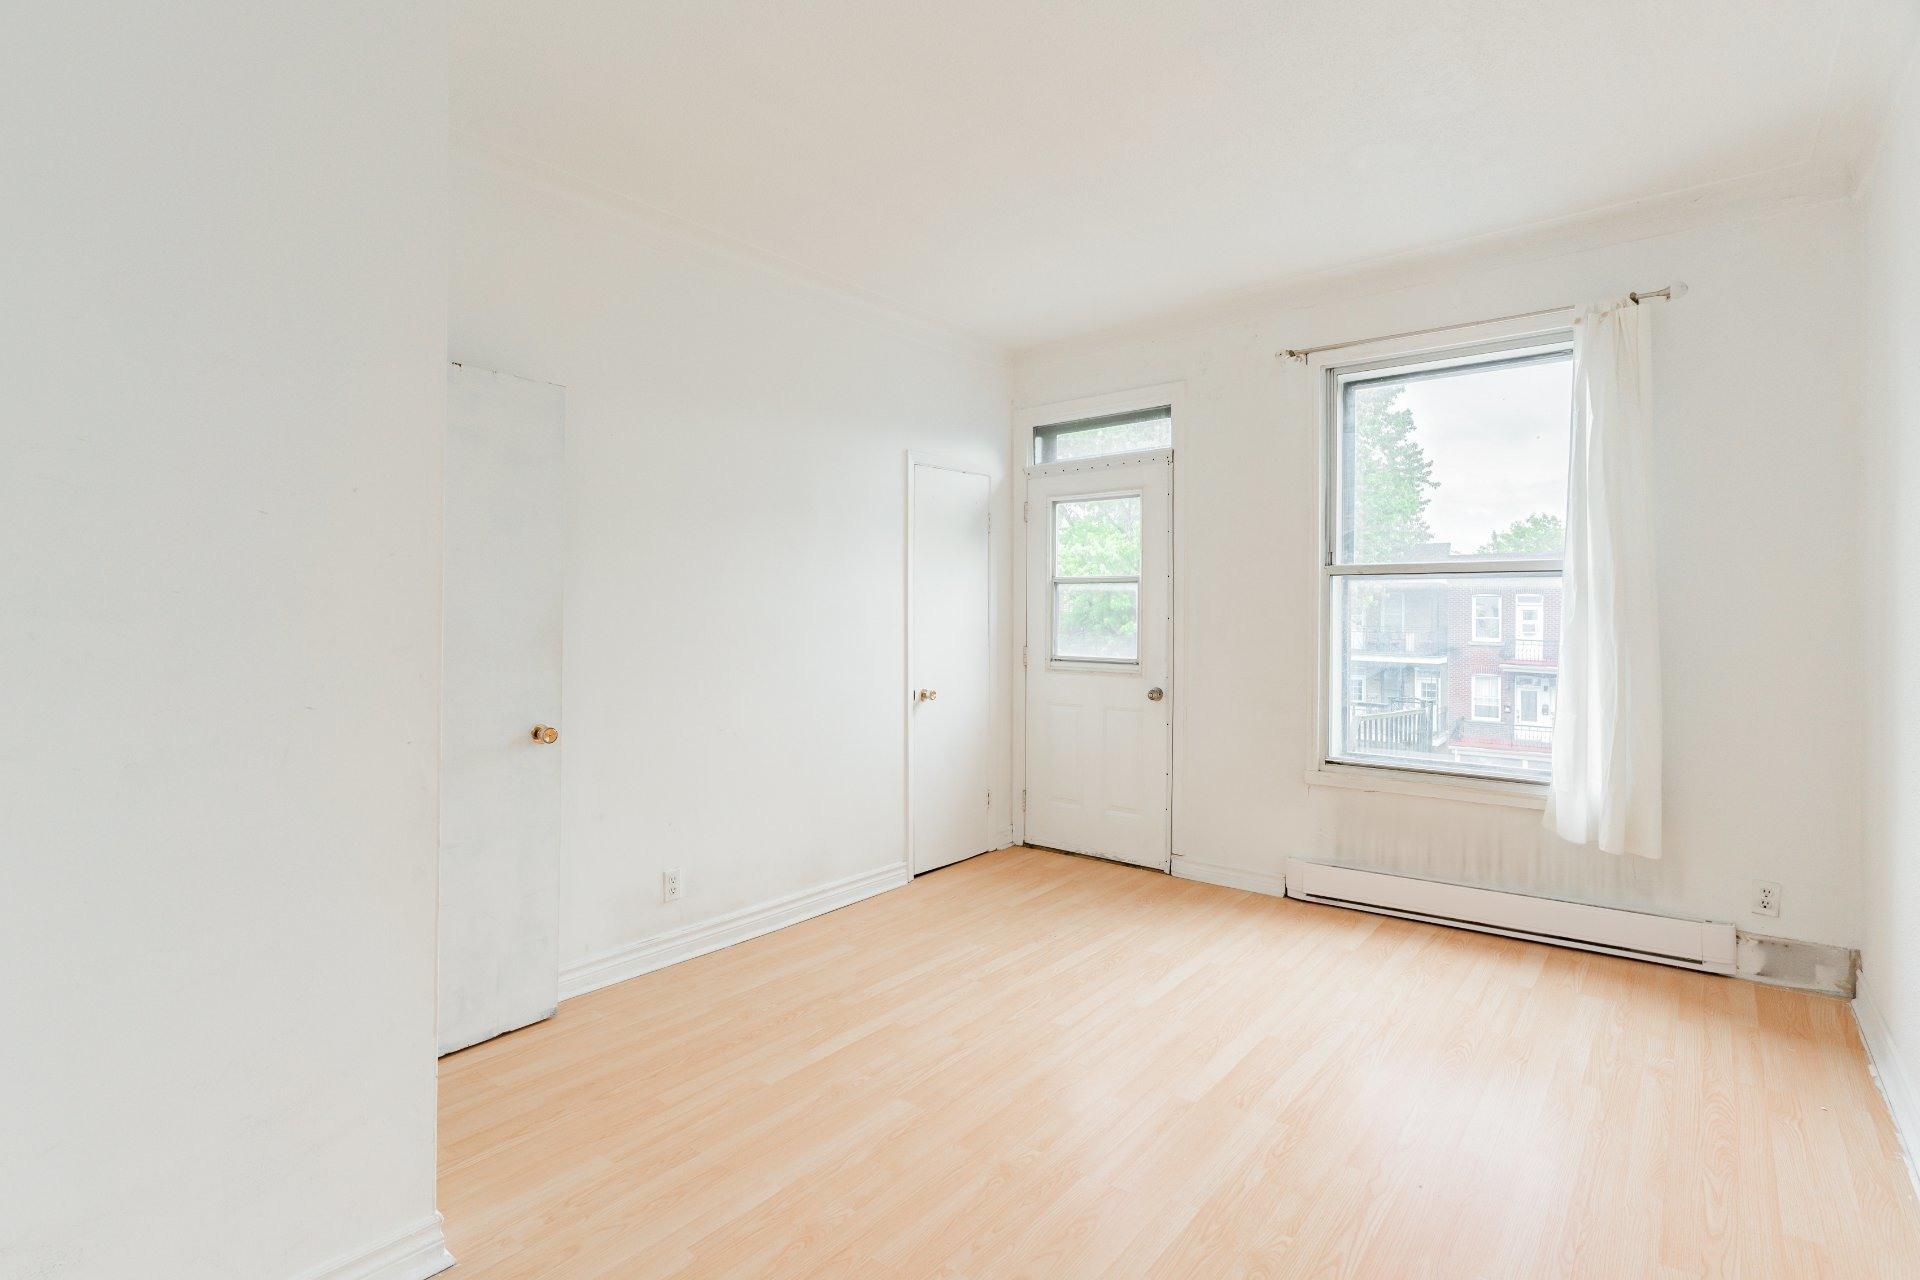 image 2 - Appartement À louer Rosemont/La Petite-Patrie Montréal  - 5 pièces